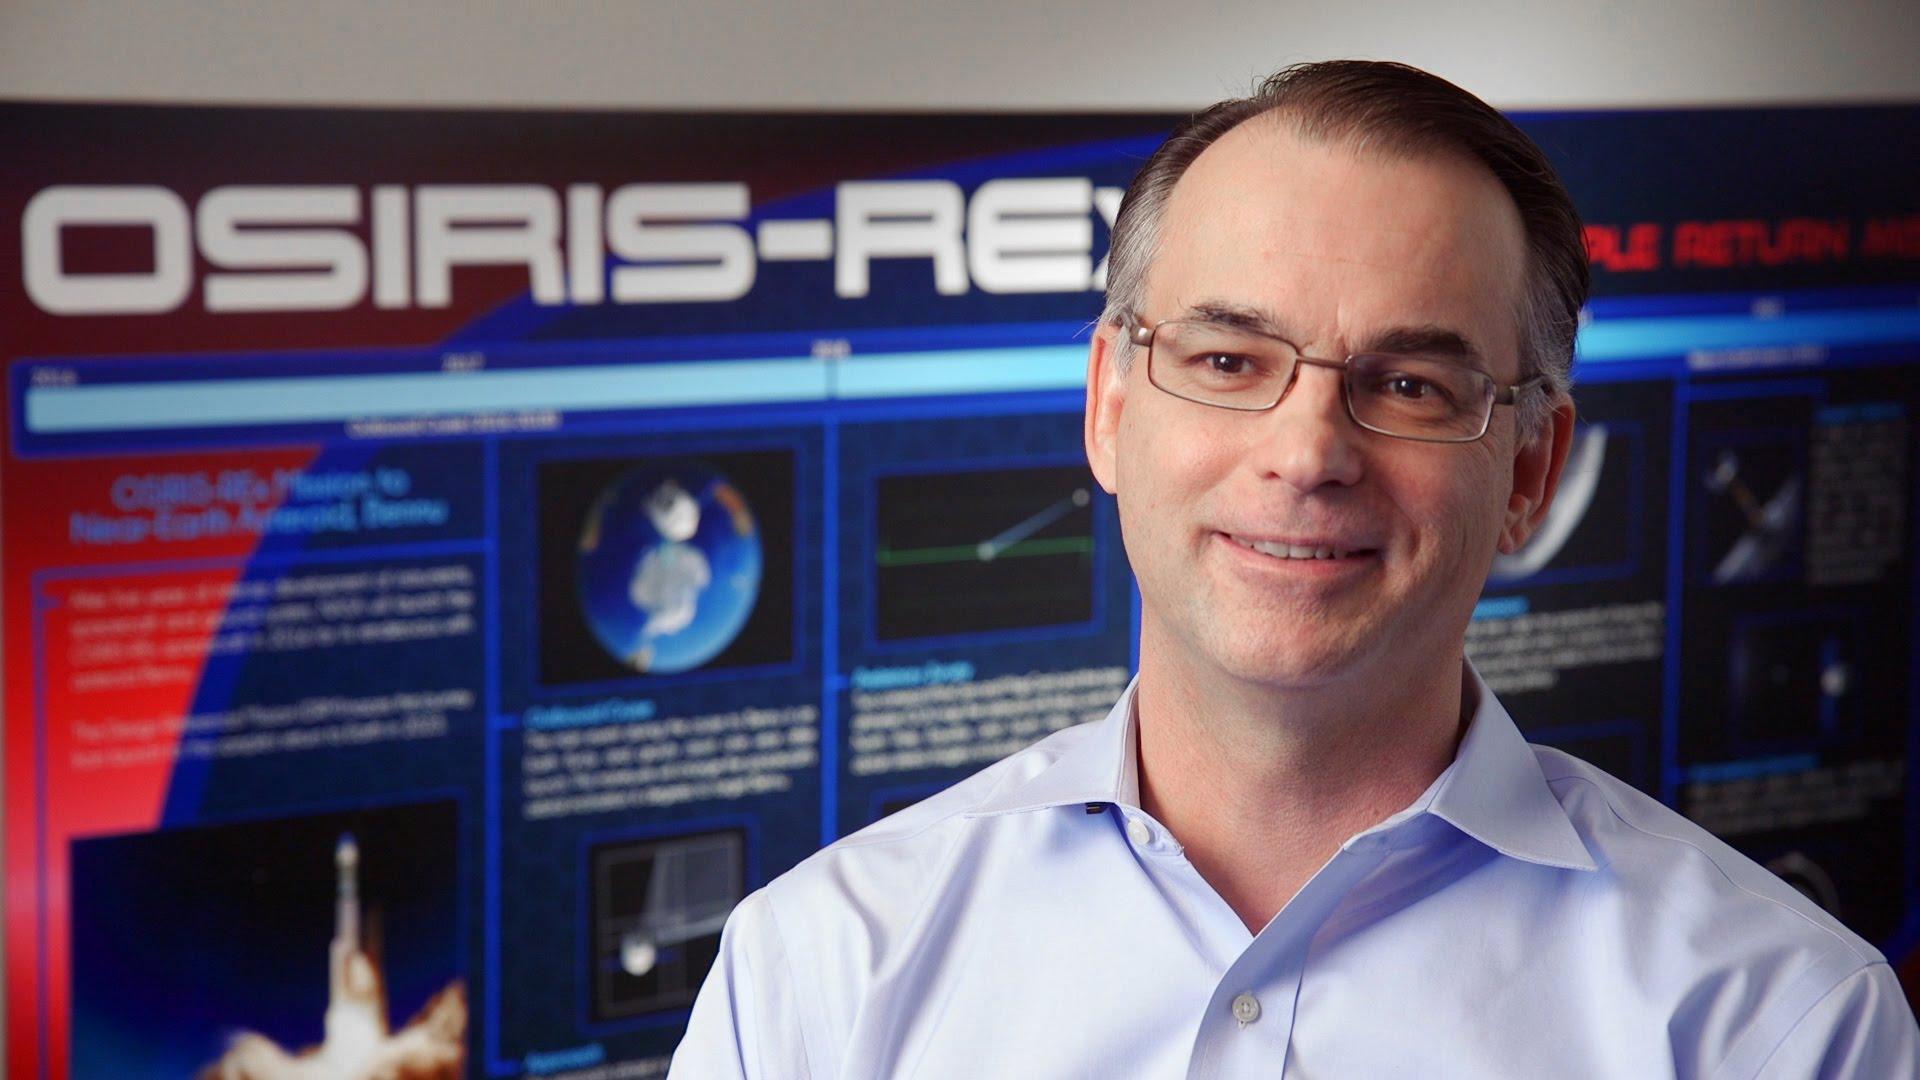 Dante Lauretta. Asteroid scientist. OSIRIS-REx principal investigator.